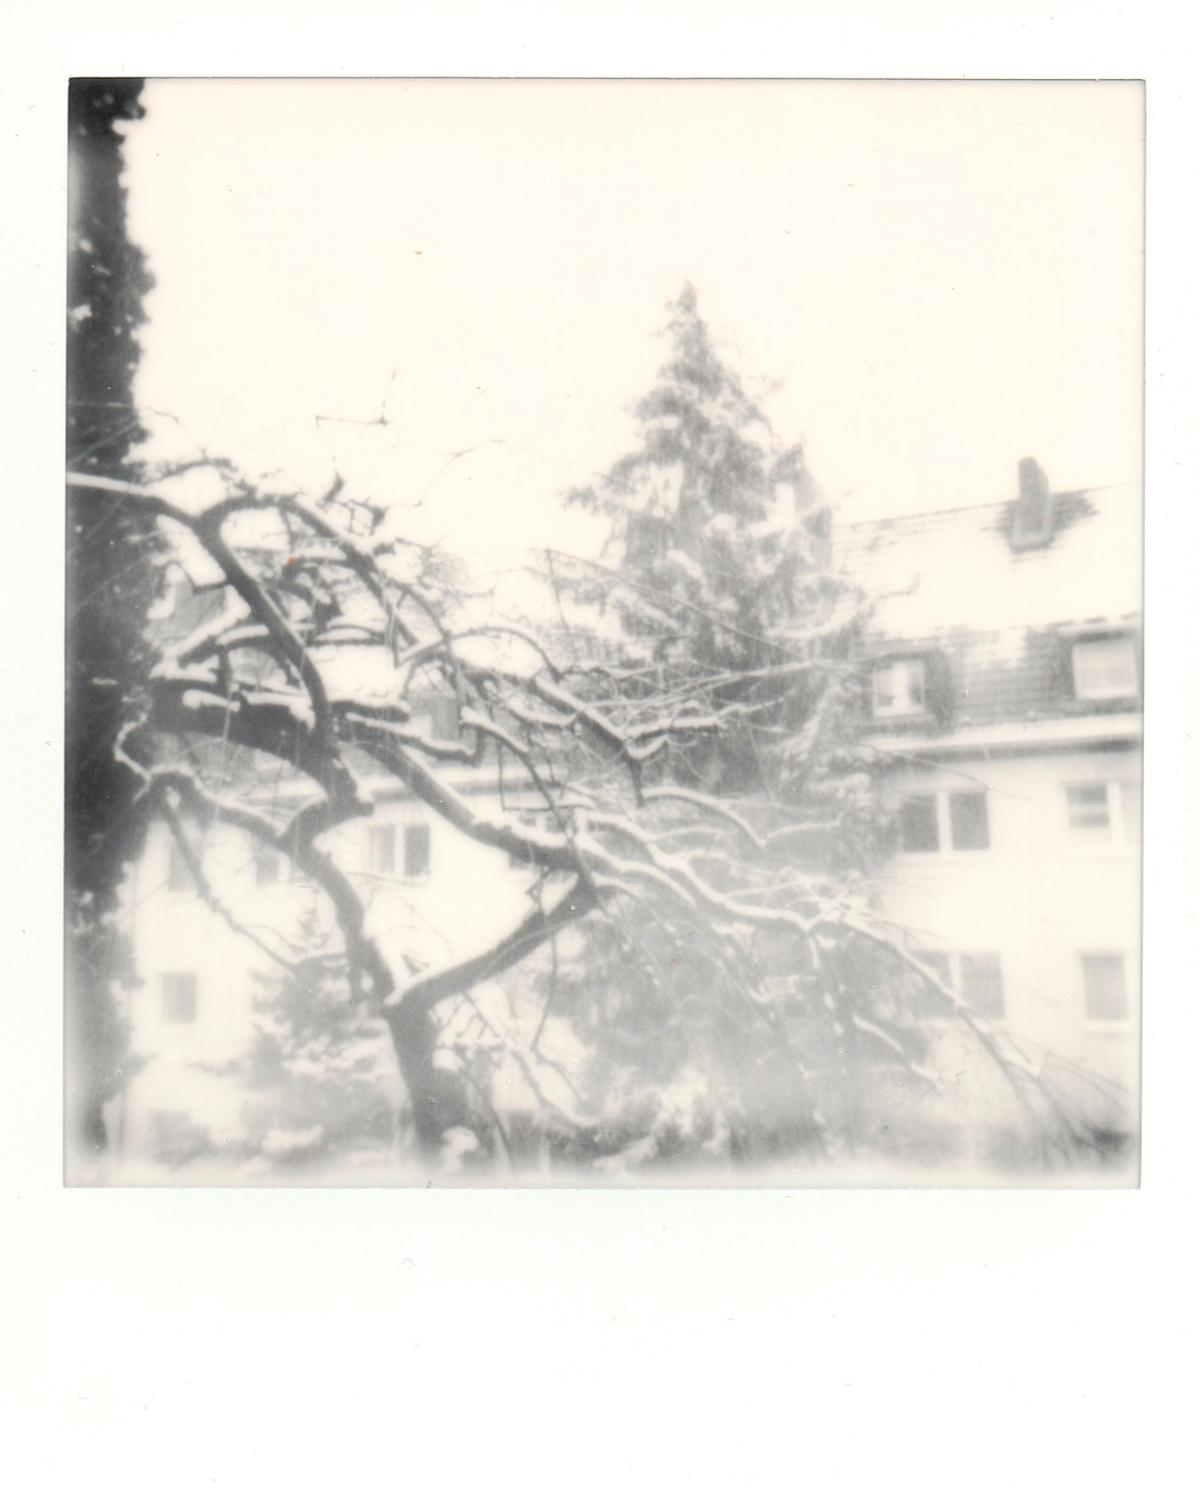 Ein schwarz-weiß-Polaroid von einem verschneiten Hinterhof mit Bäumen